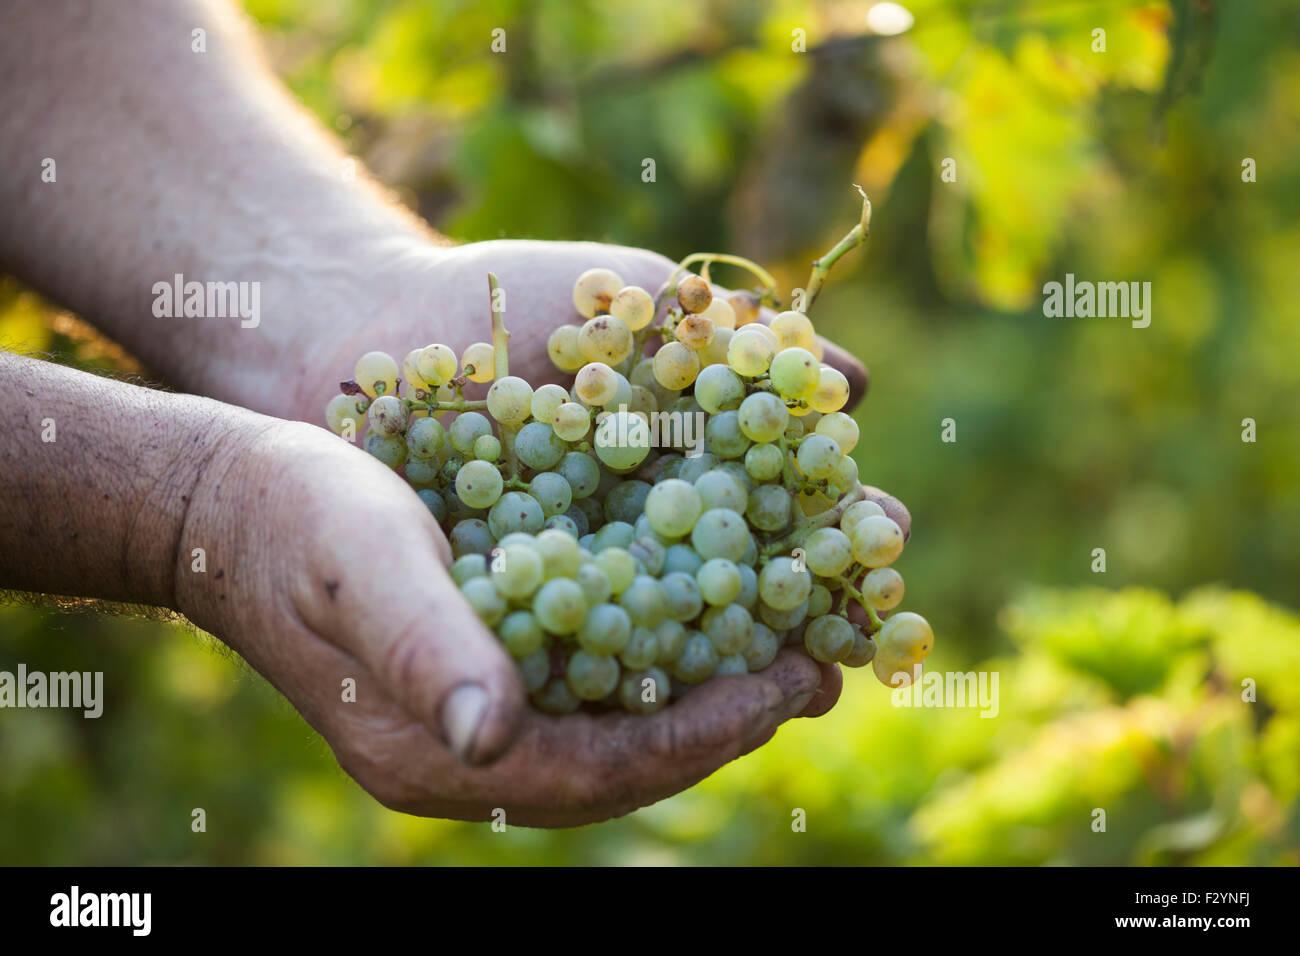 Harvest.Farmers Hände mit frisch geernteten Trauben in den sonnigen Weinbergen Stockbild